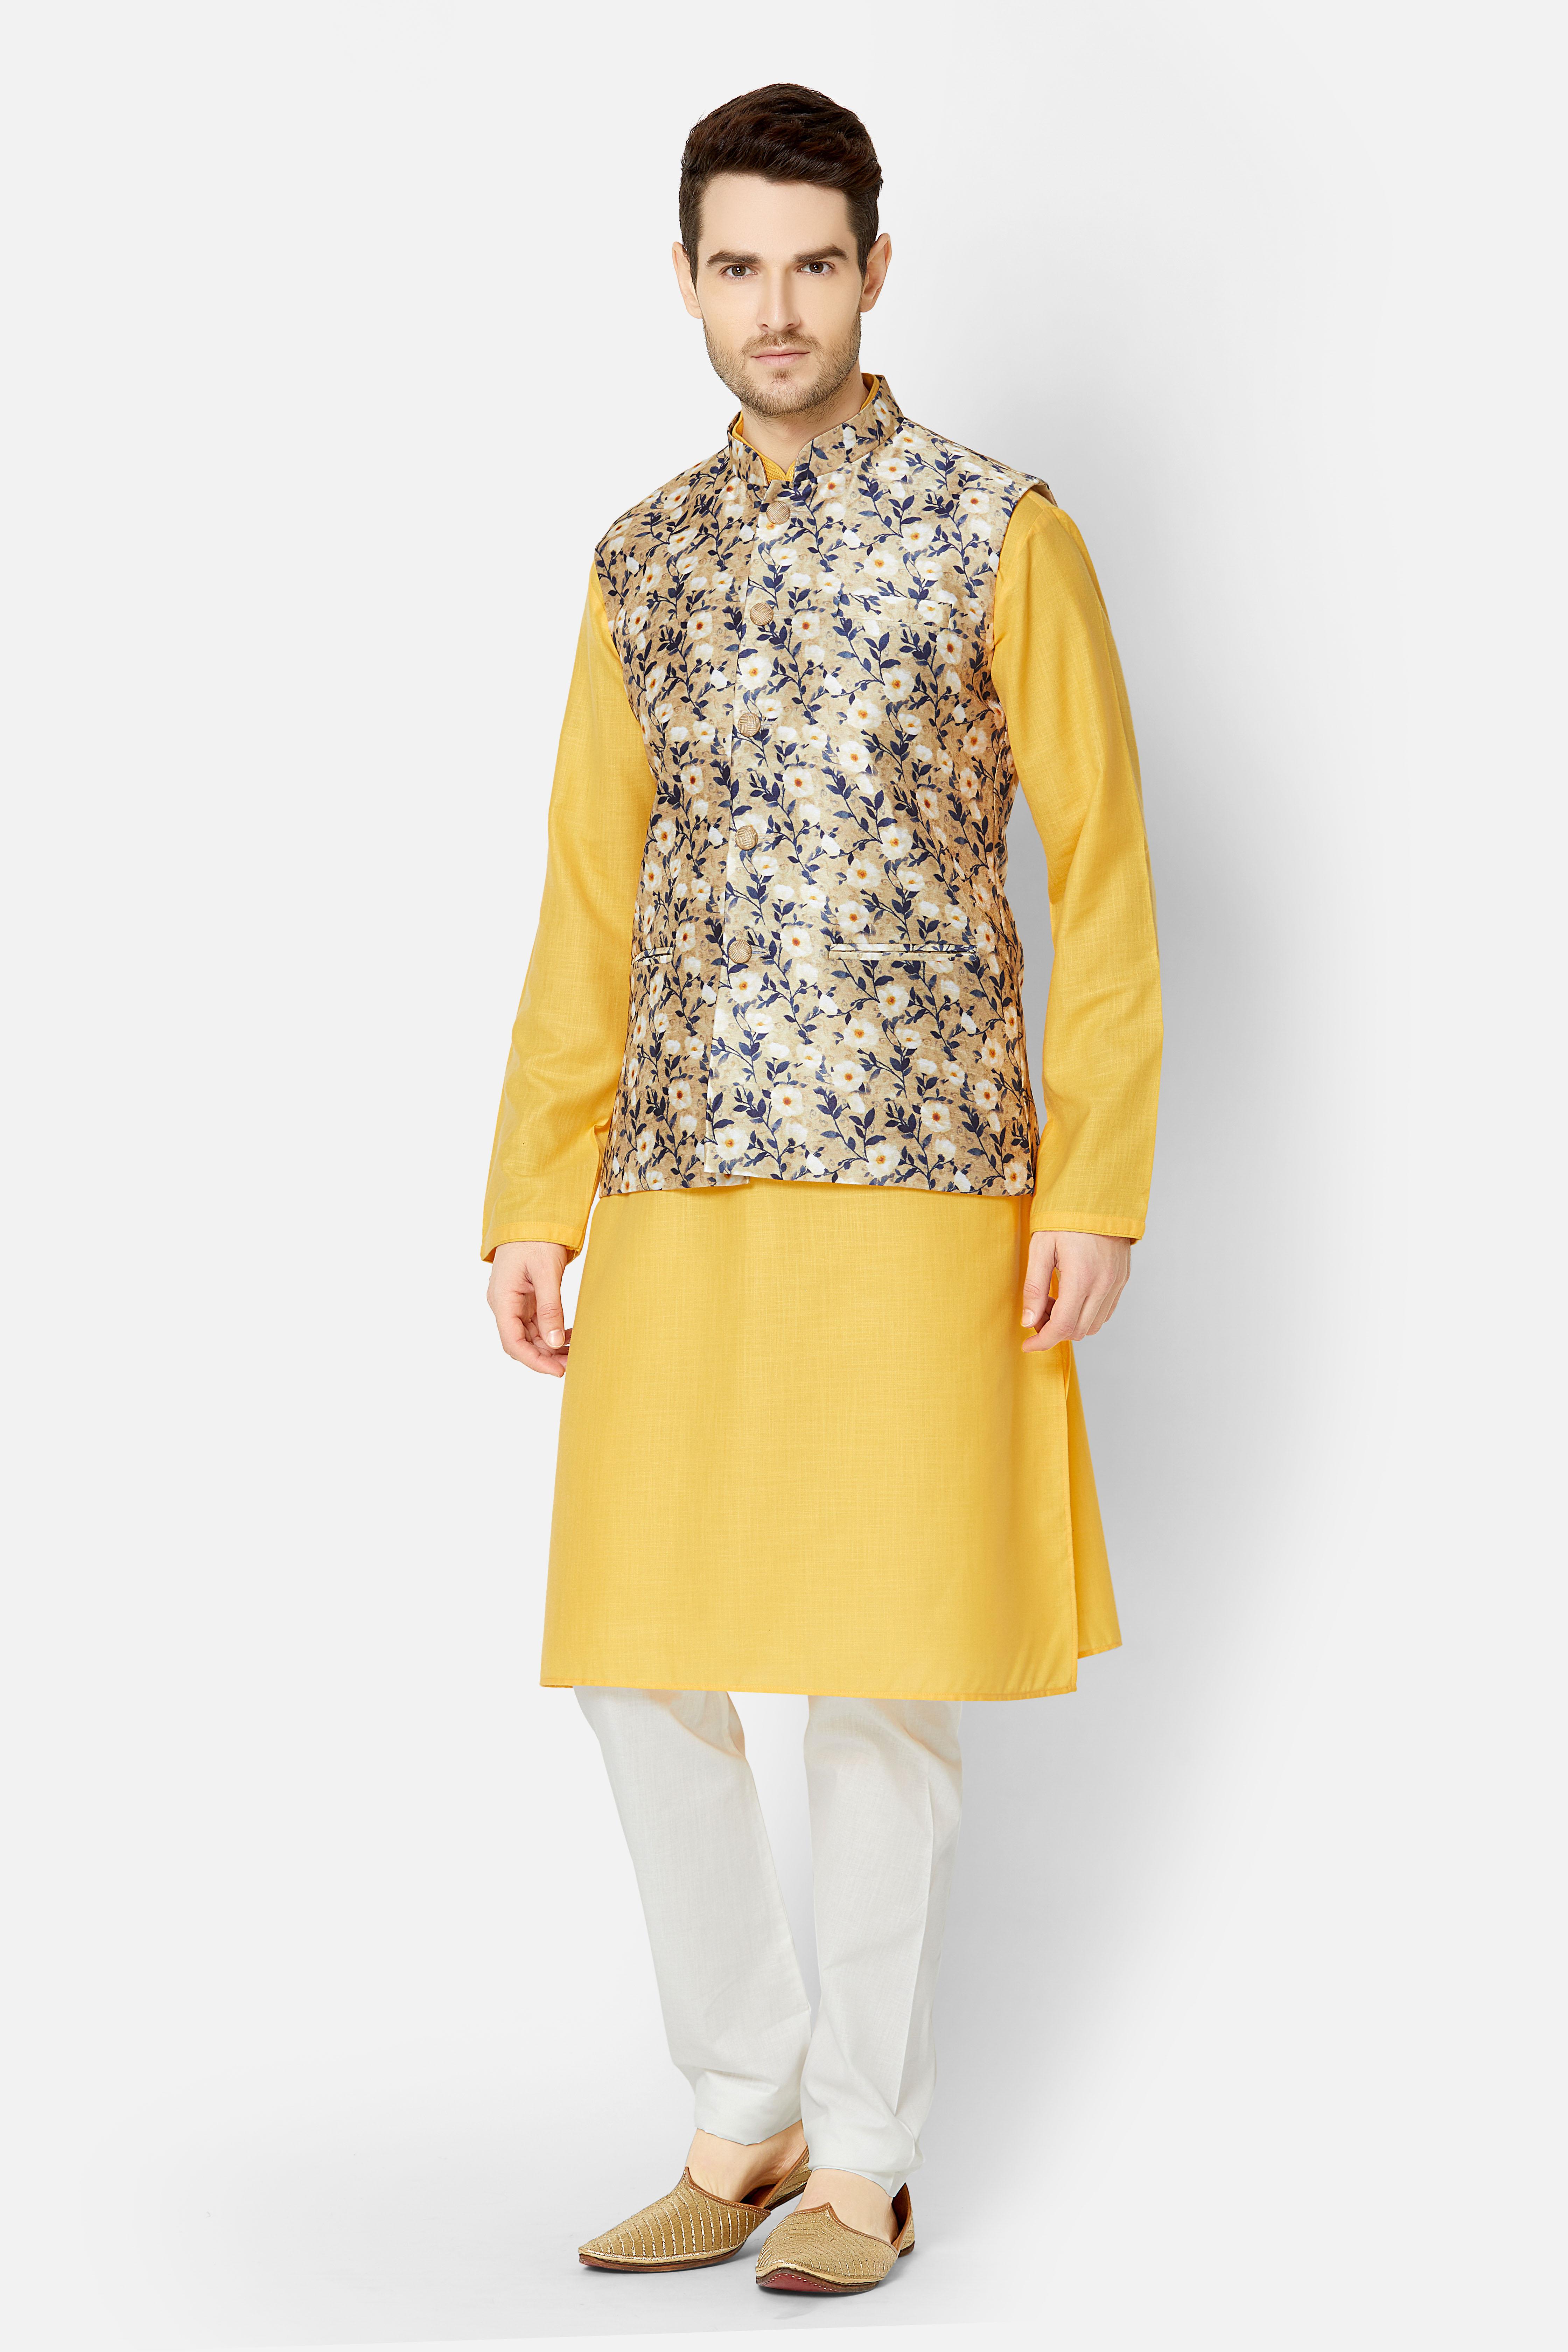 Ethnicity | Beige printed sleeveless jacket